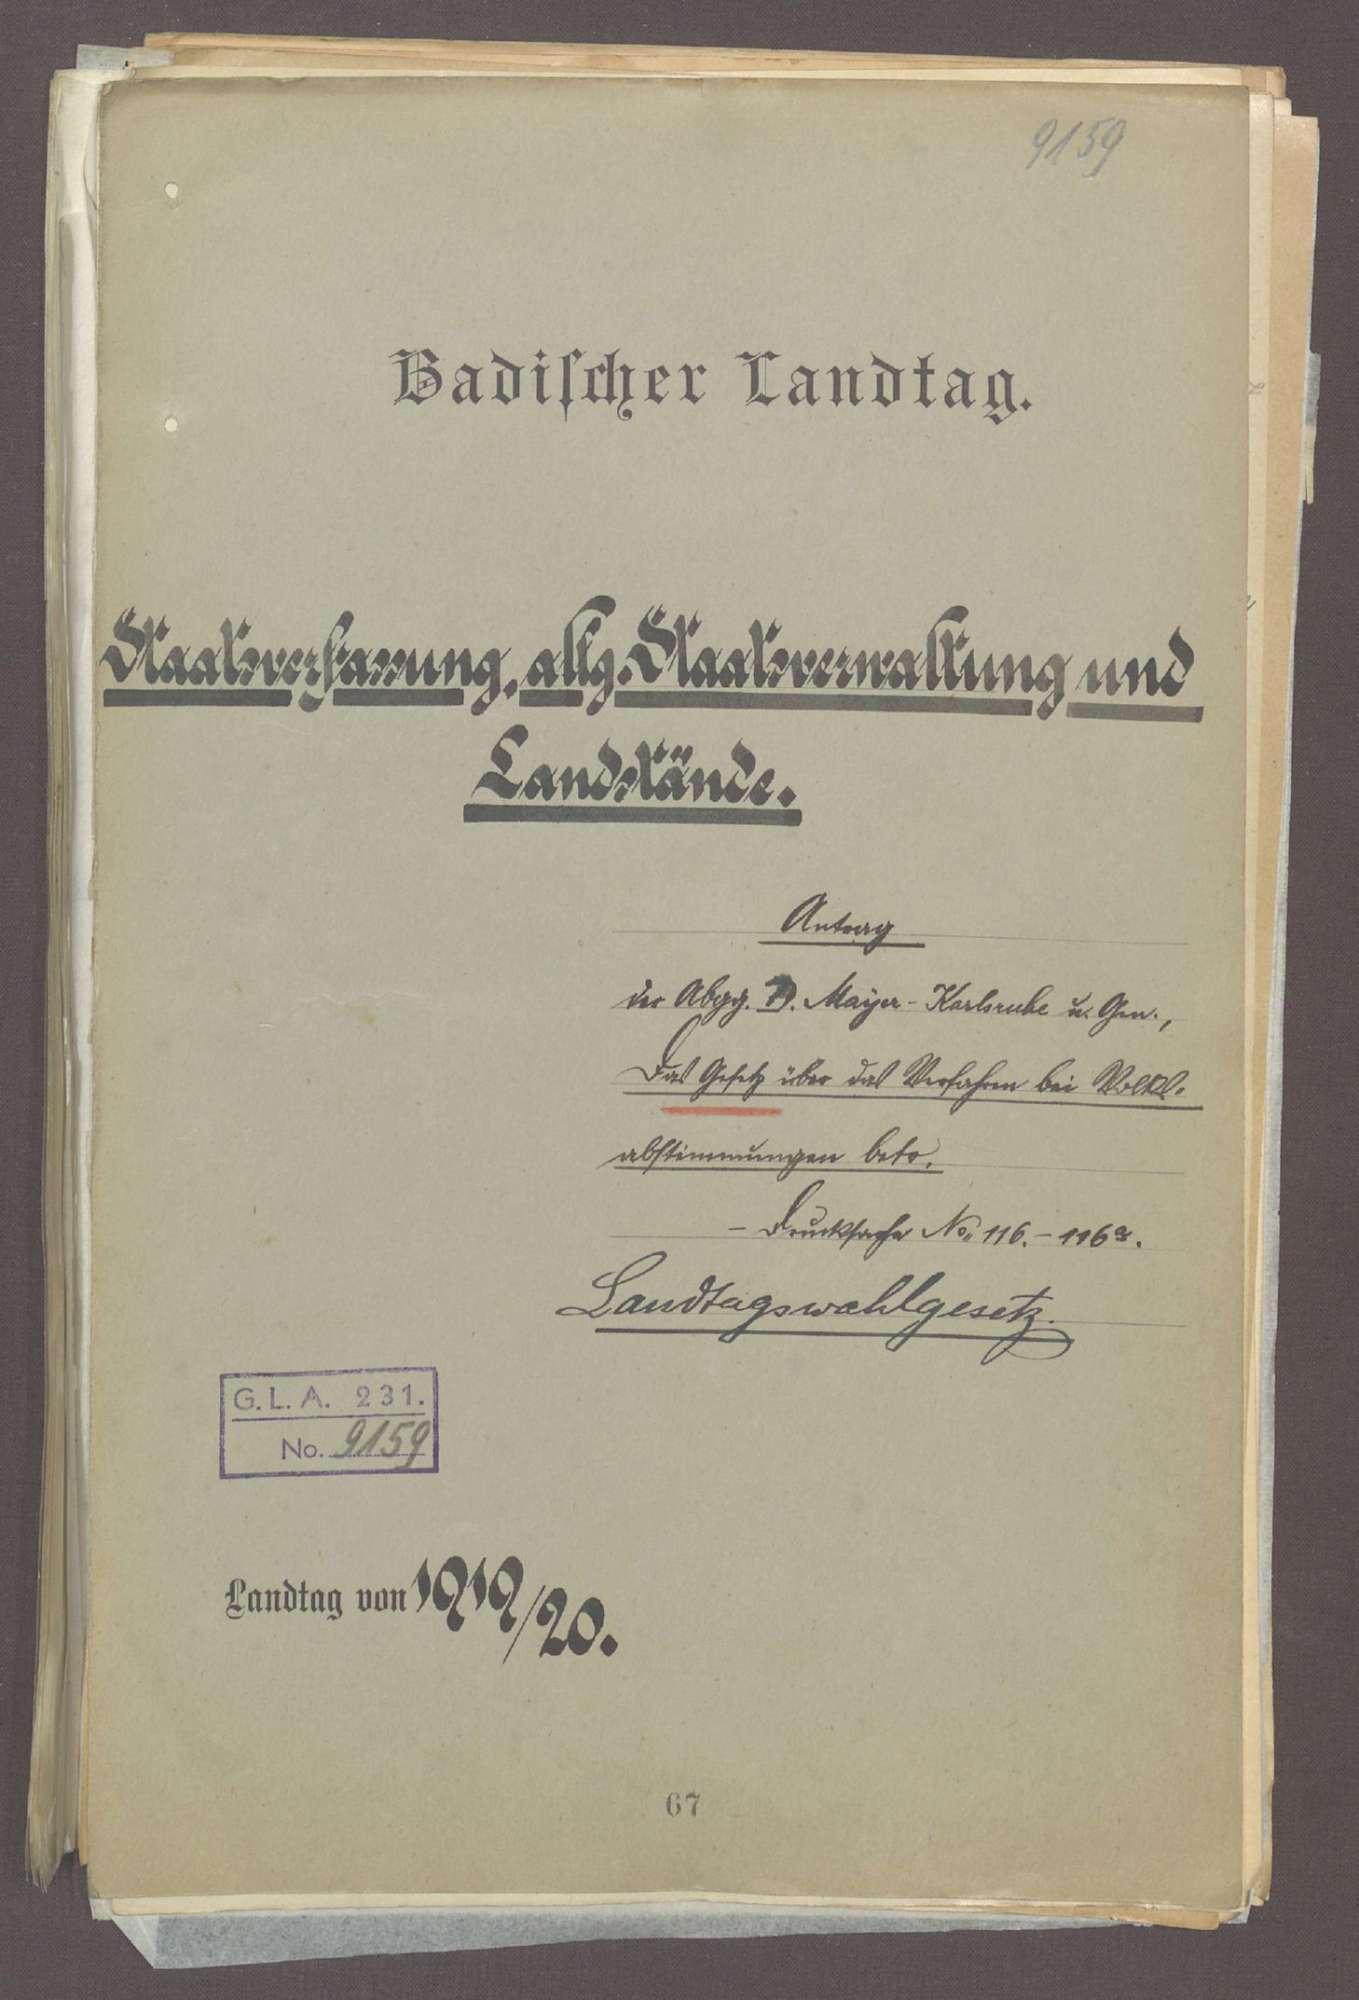 Antrag der Abg. D. Mayer (Karlsruhe) u. Gen., das Gesetz über das Verfahren bei Volksabstimmungen betr. (Landtagswahlgesetz) -Drucks. Nr. 116-116a-, Bild 1